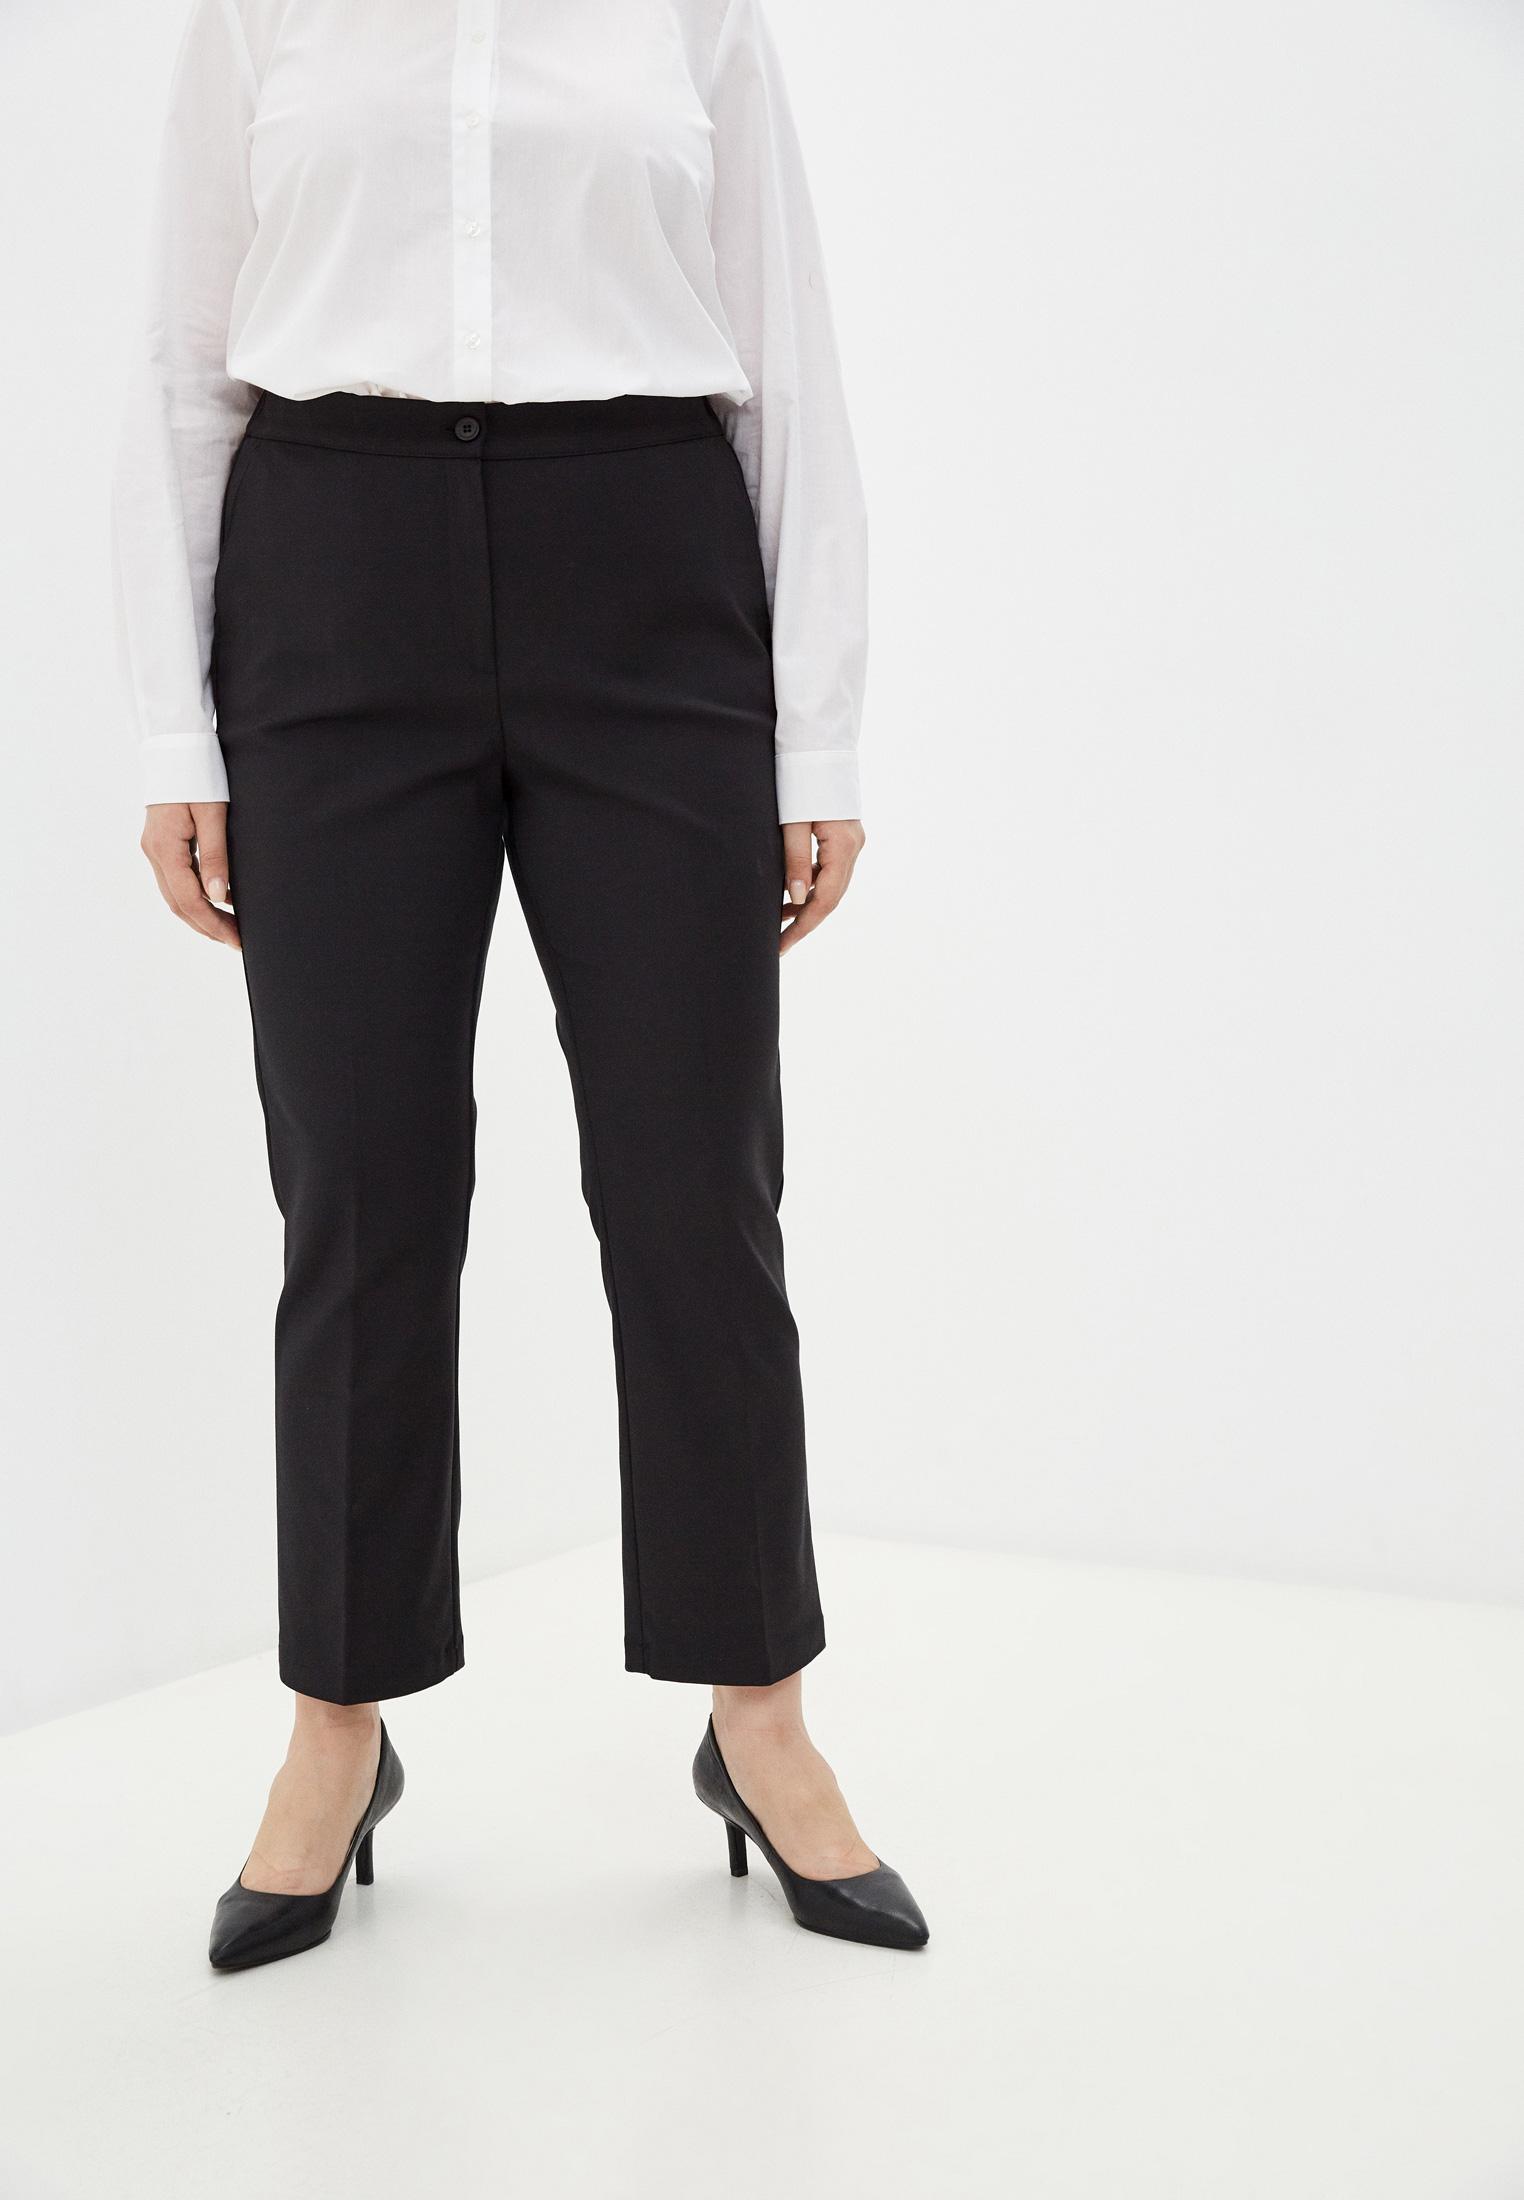 Женские классические брюки Marina Rinaldi Voyage Брюки Marina Rinaldi Voyage